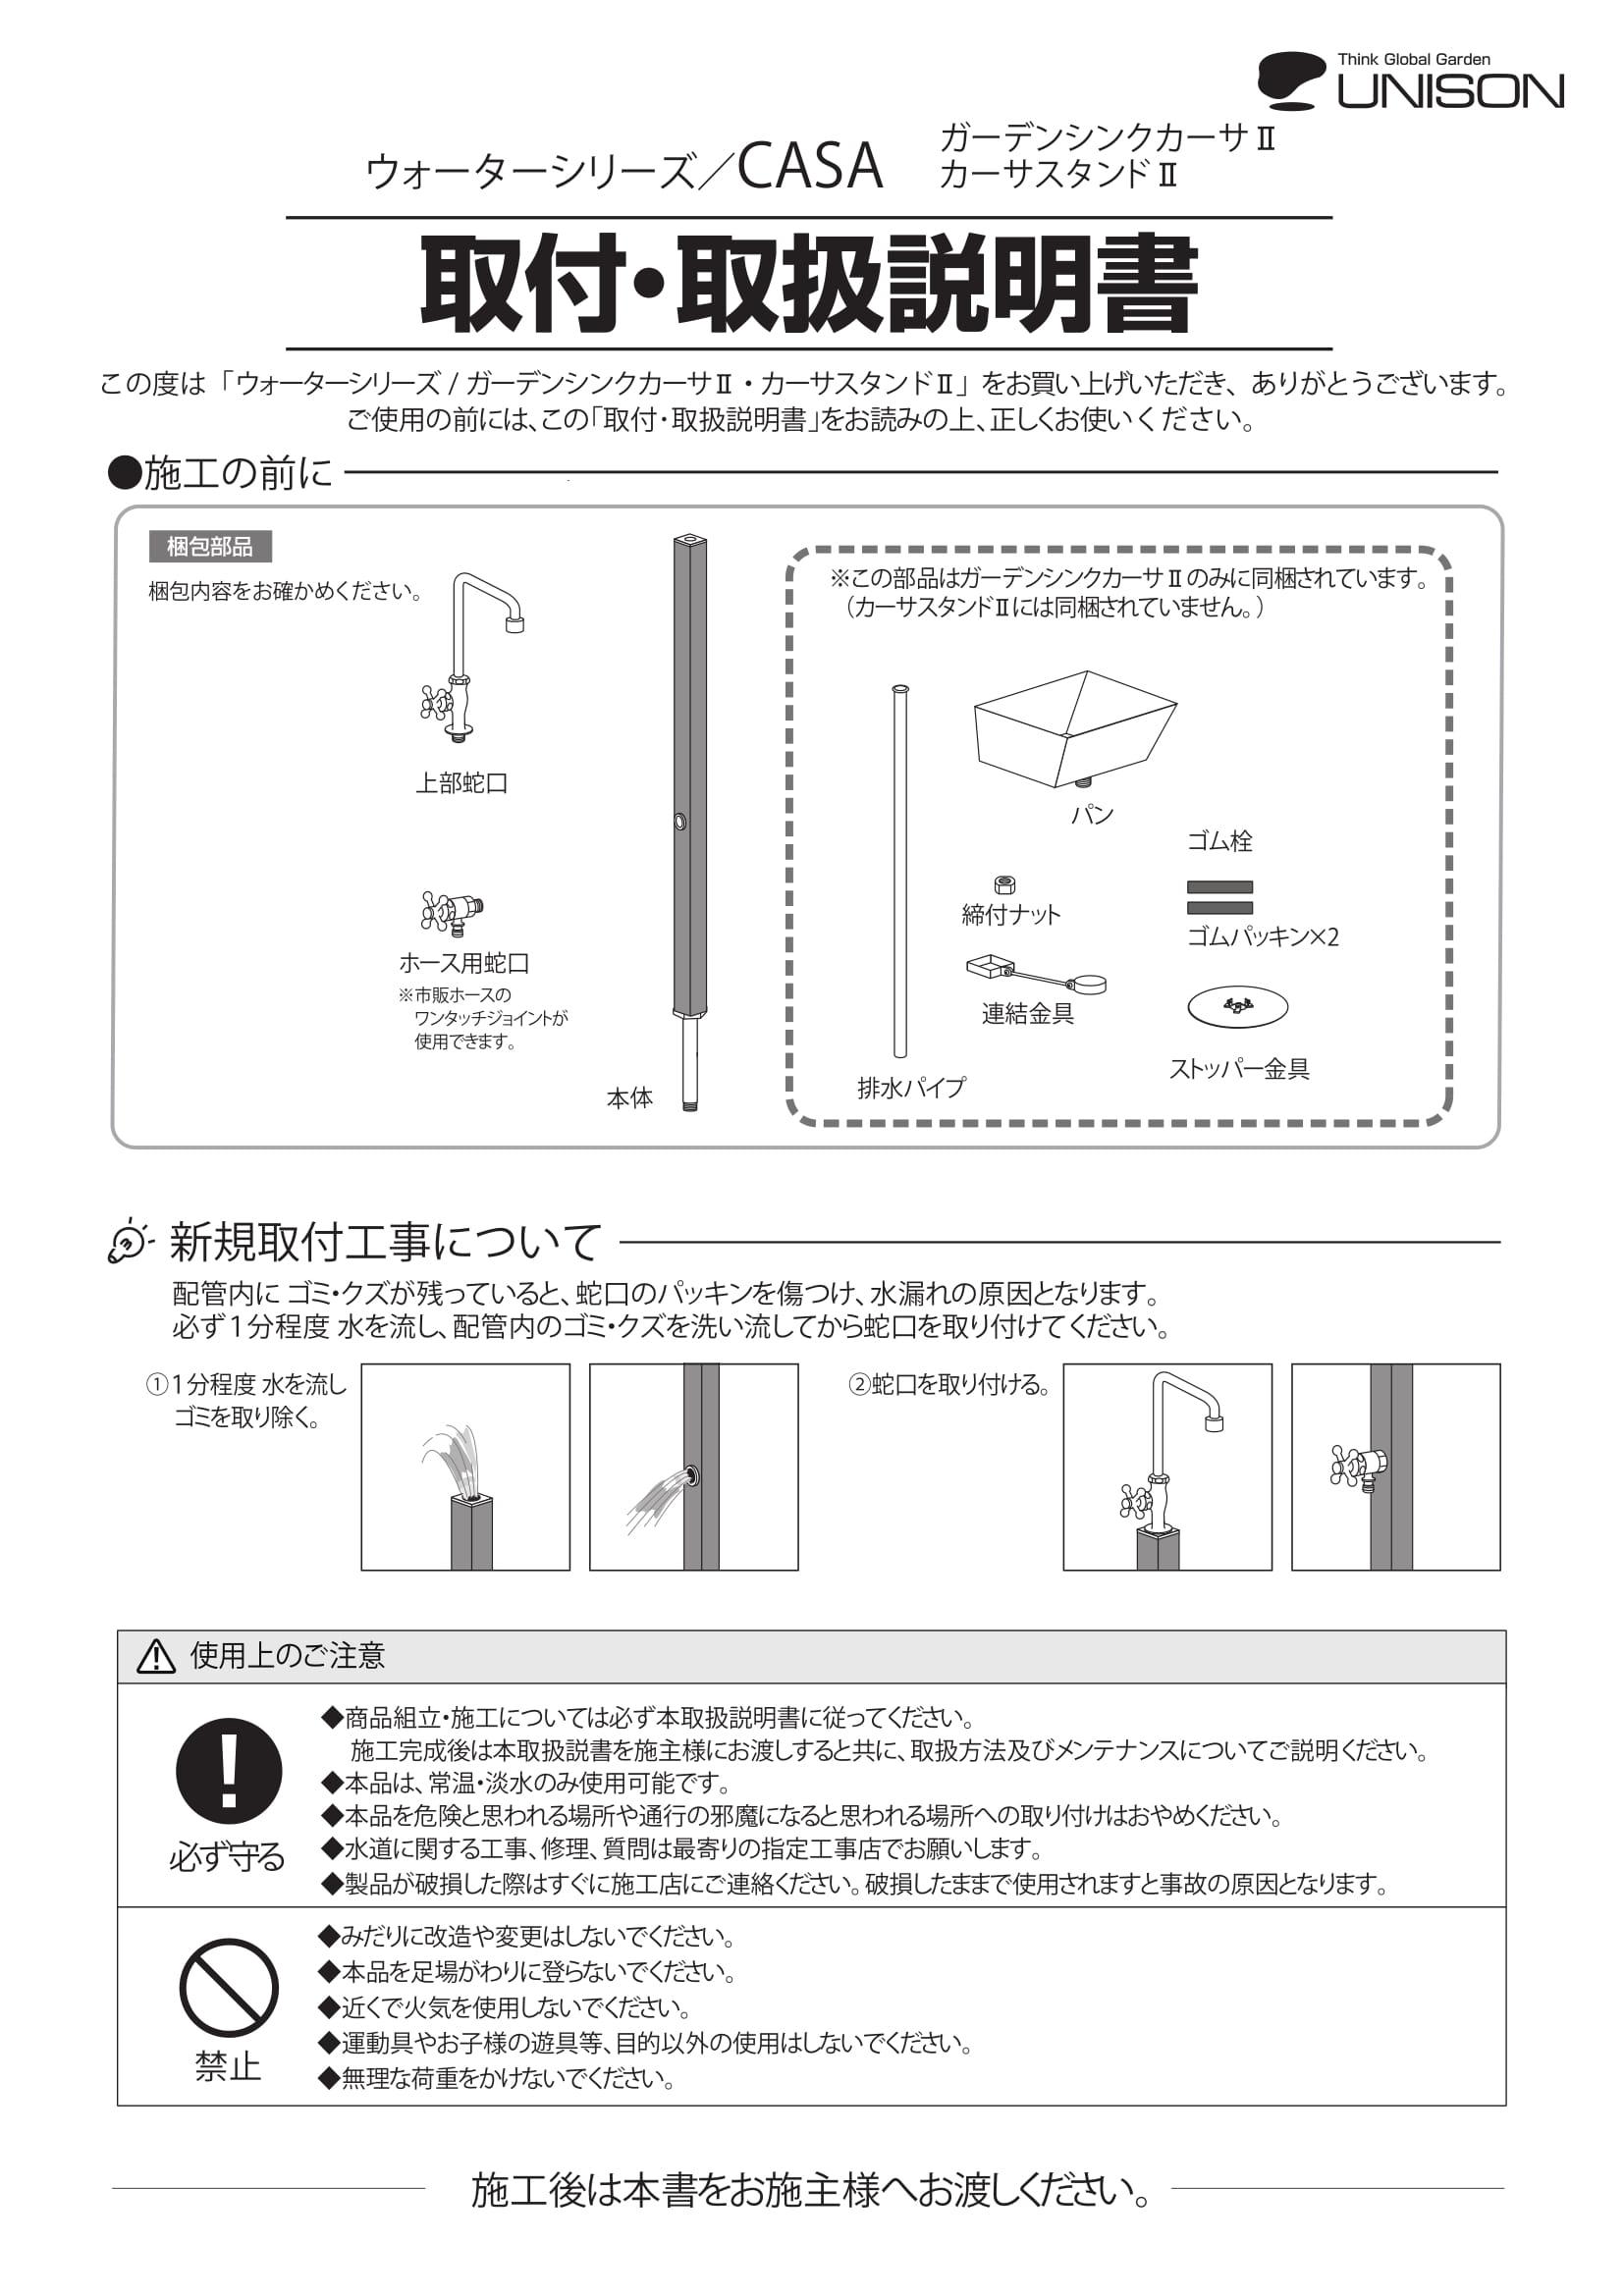 ガーデンシンクカーサ2_取扱説明書-1